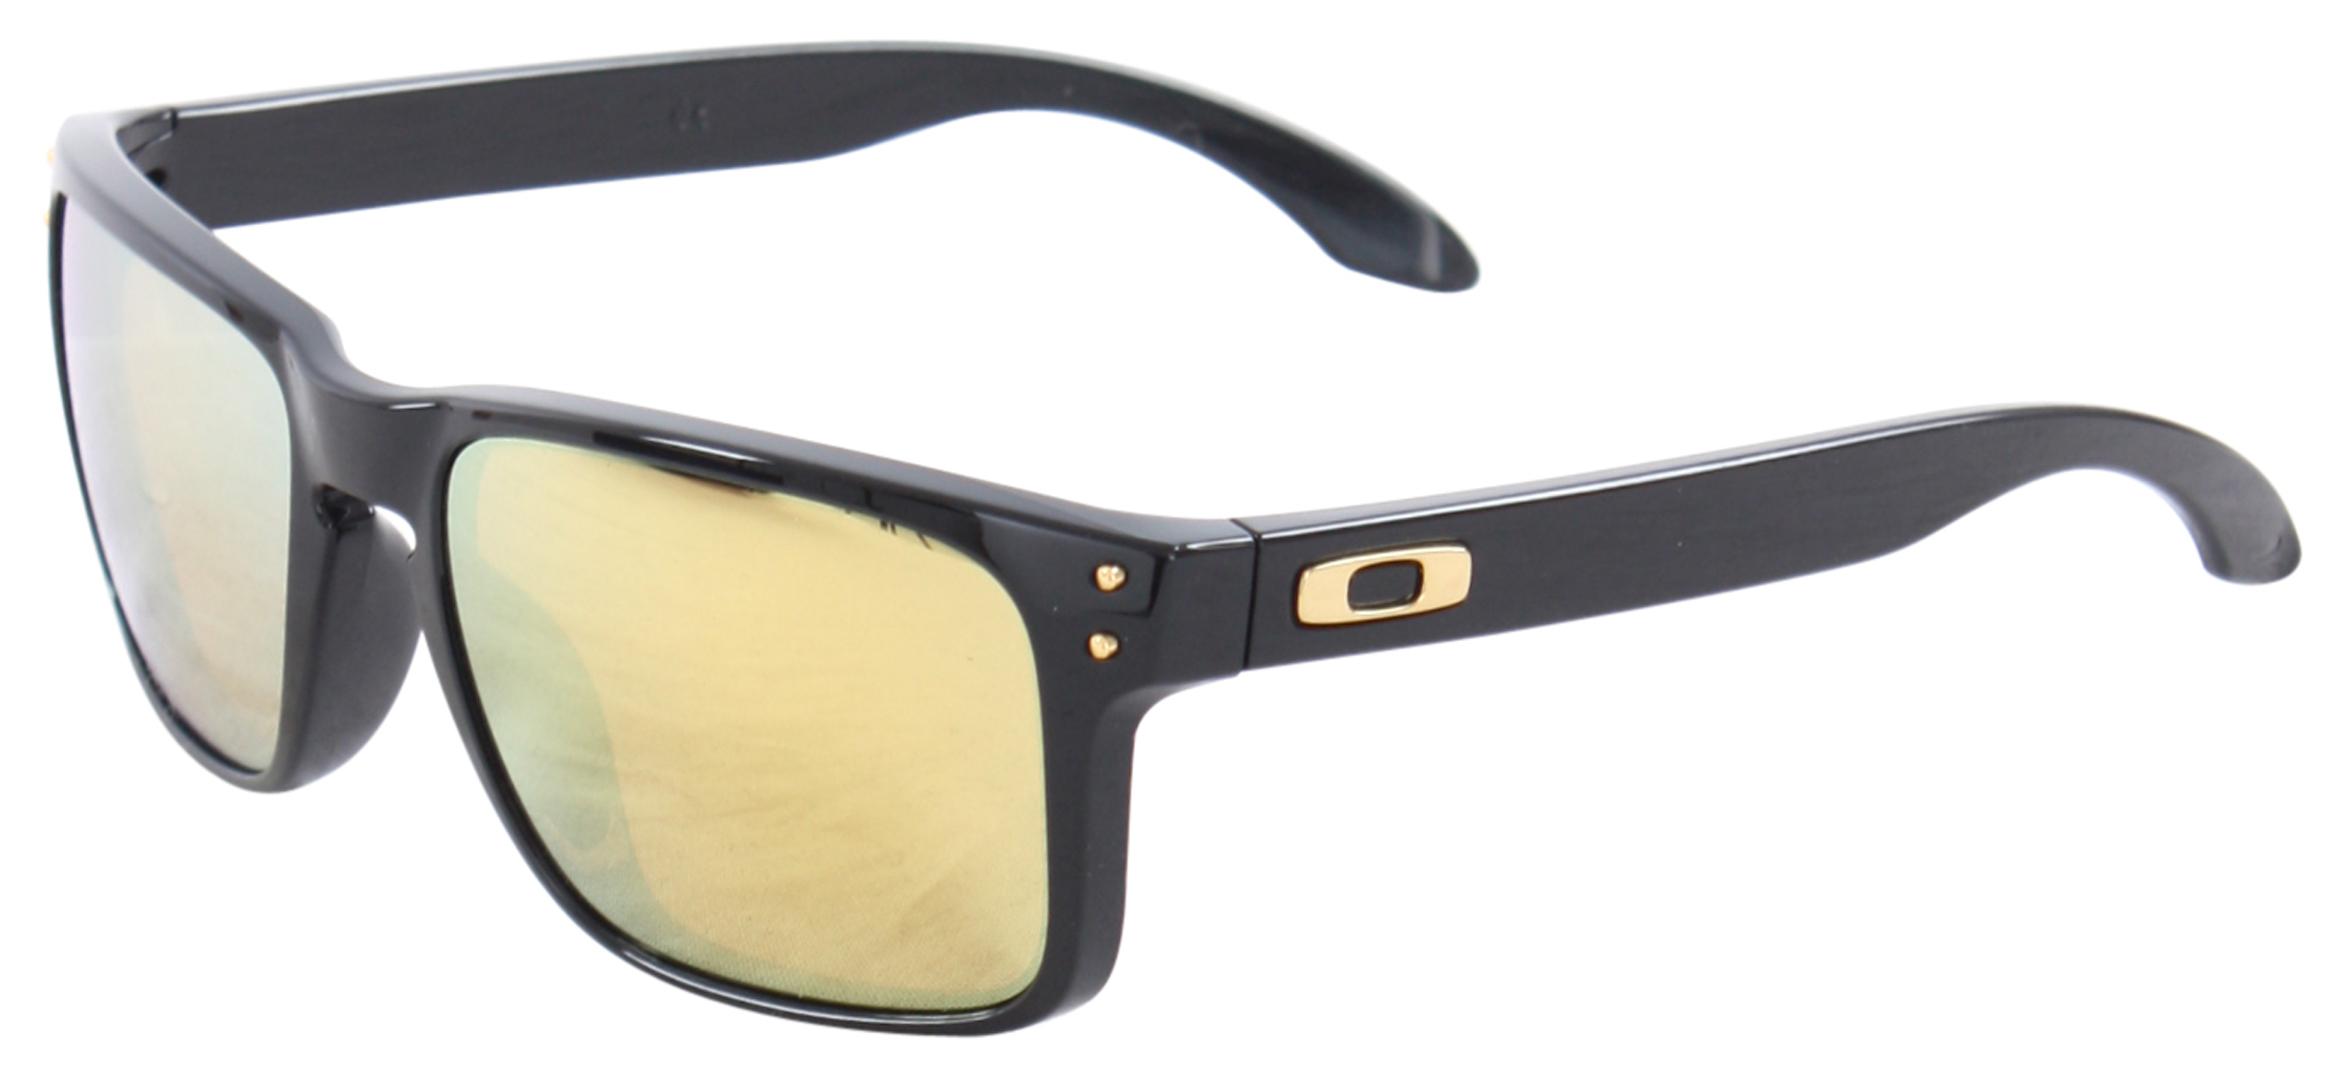 2ee5c06af1 Oakley Holbrook Polarized Sunglasses - Polished Black 24k Iridium ...